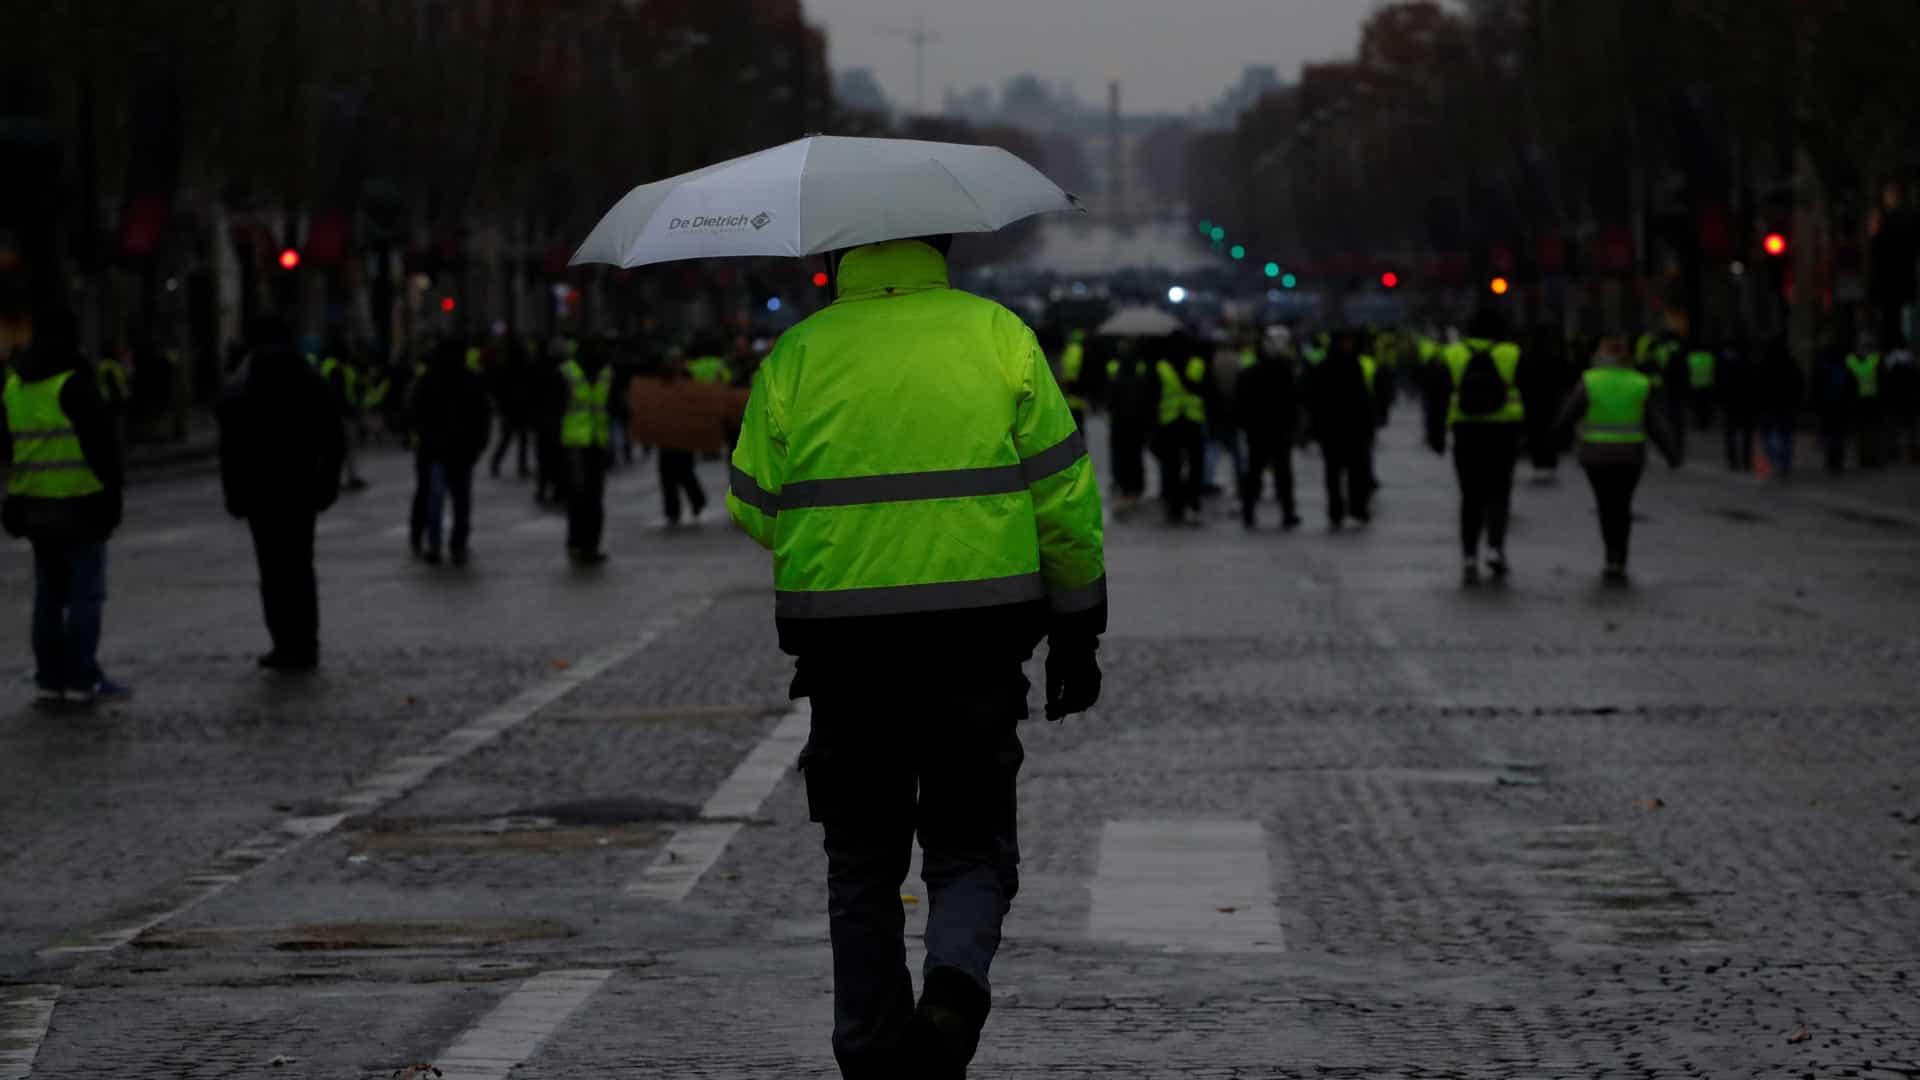 Menos coletes amarelos é prenúncio do fim do protesto, diz governo